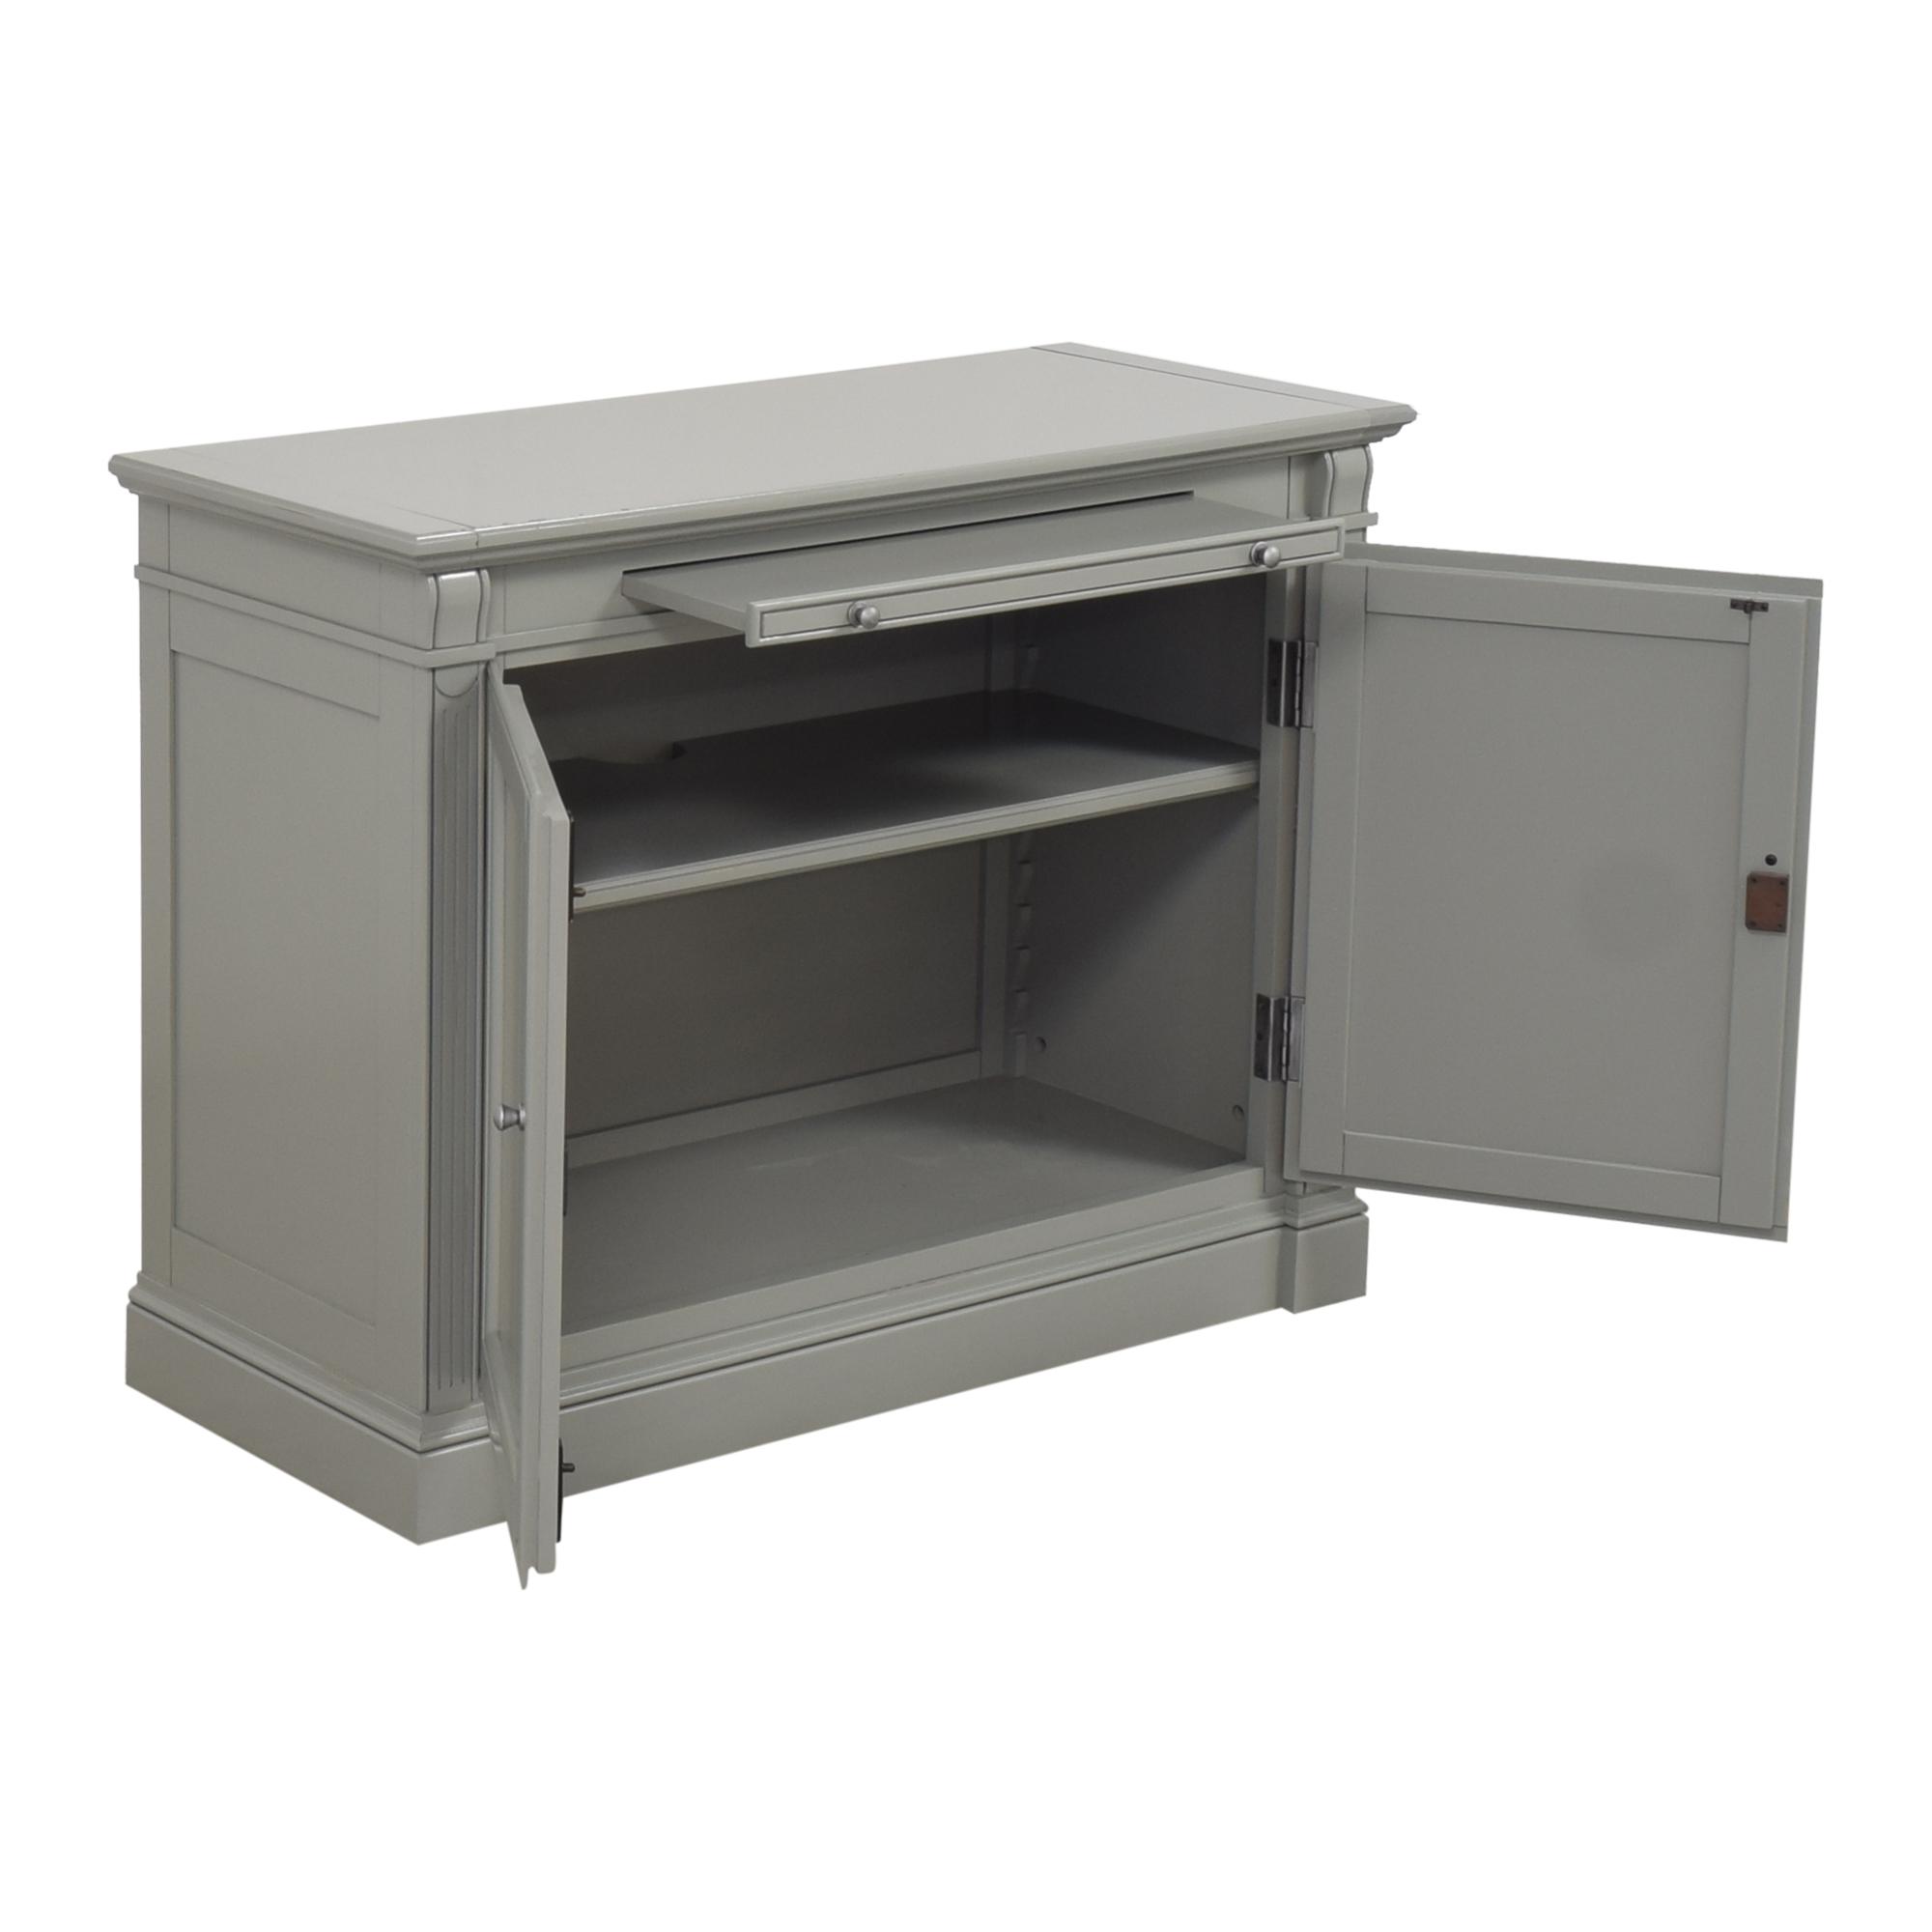 Arhaus Arhaus Athens Modular Two Door Cabinet for sale